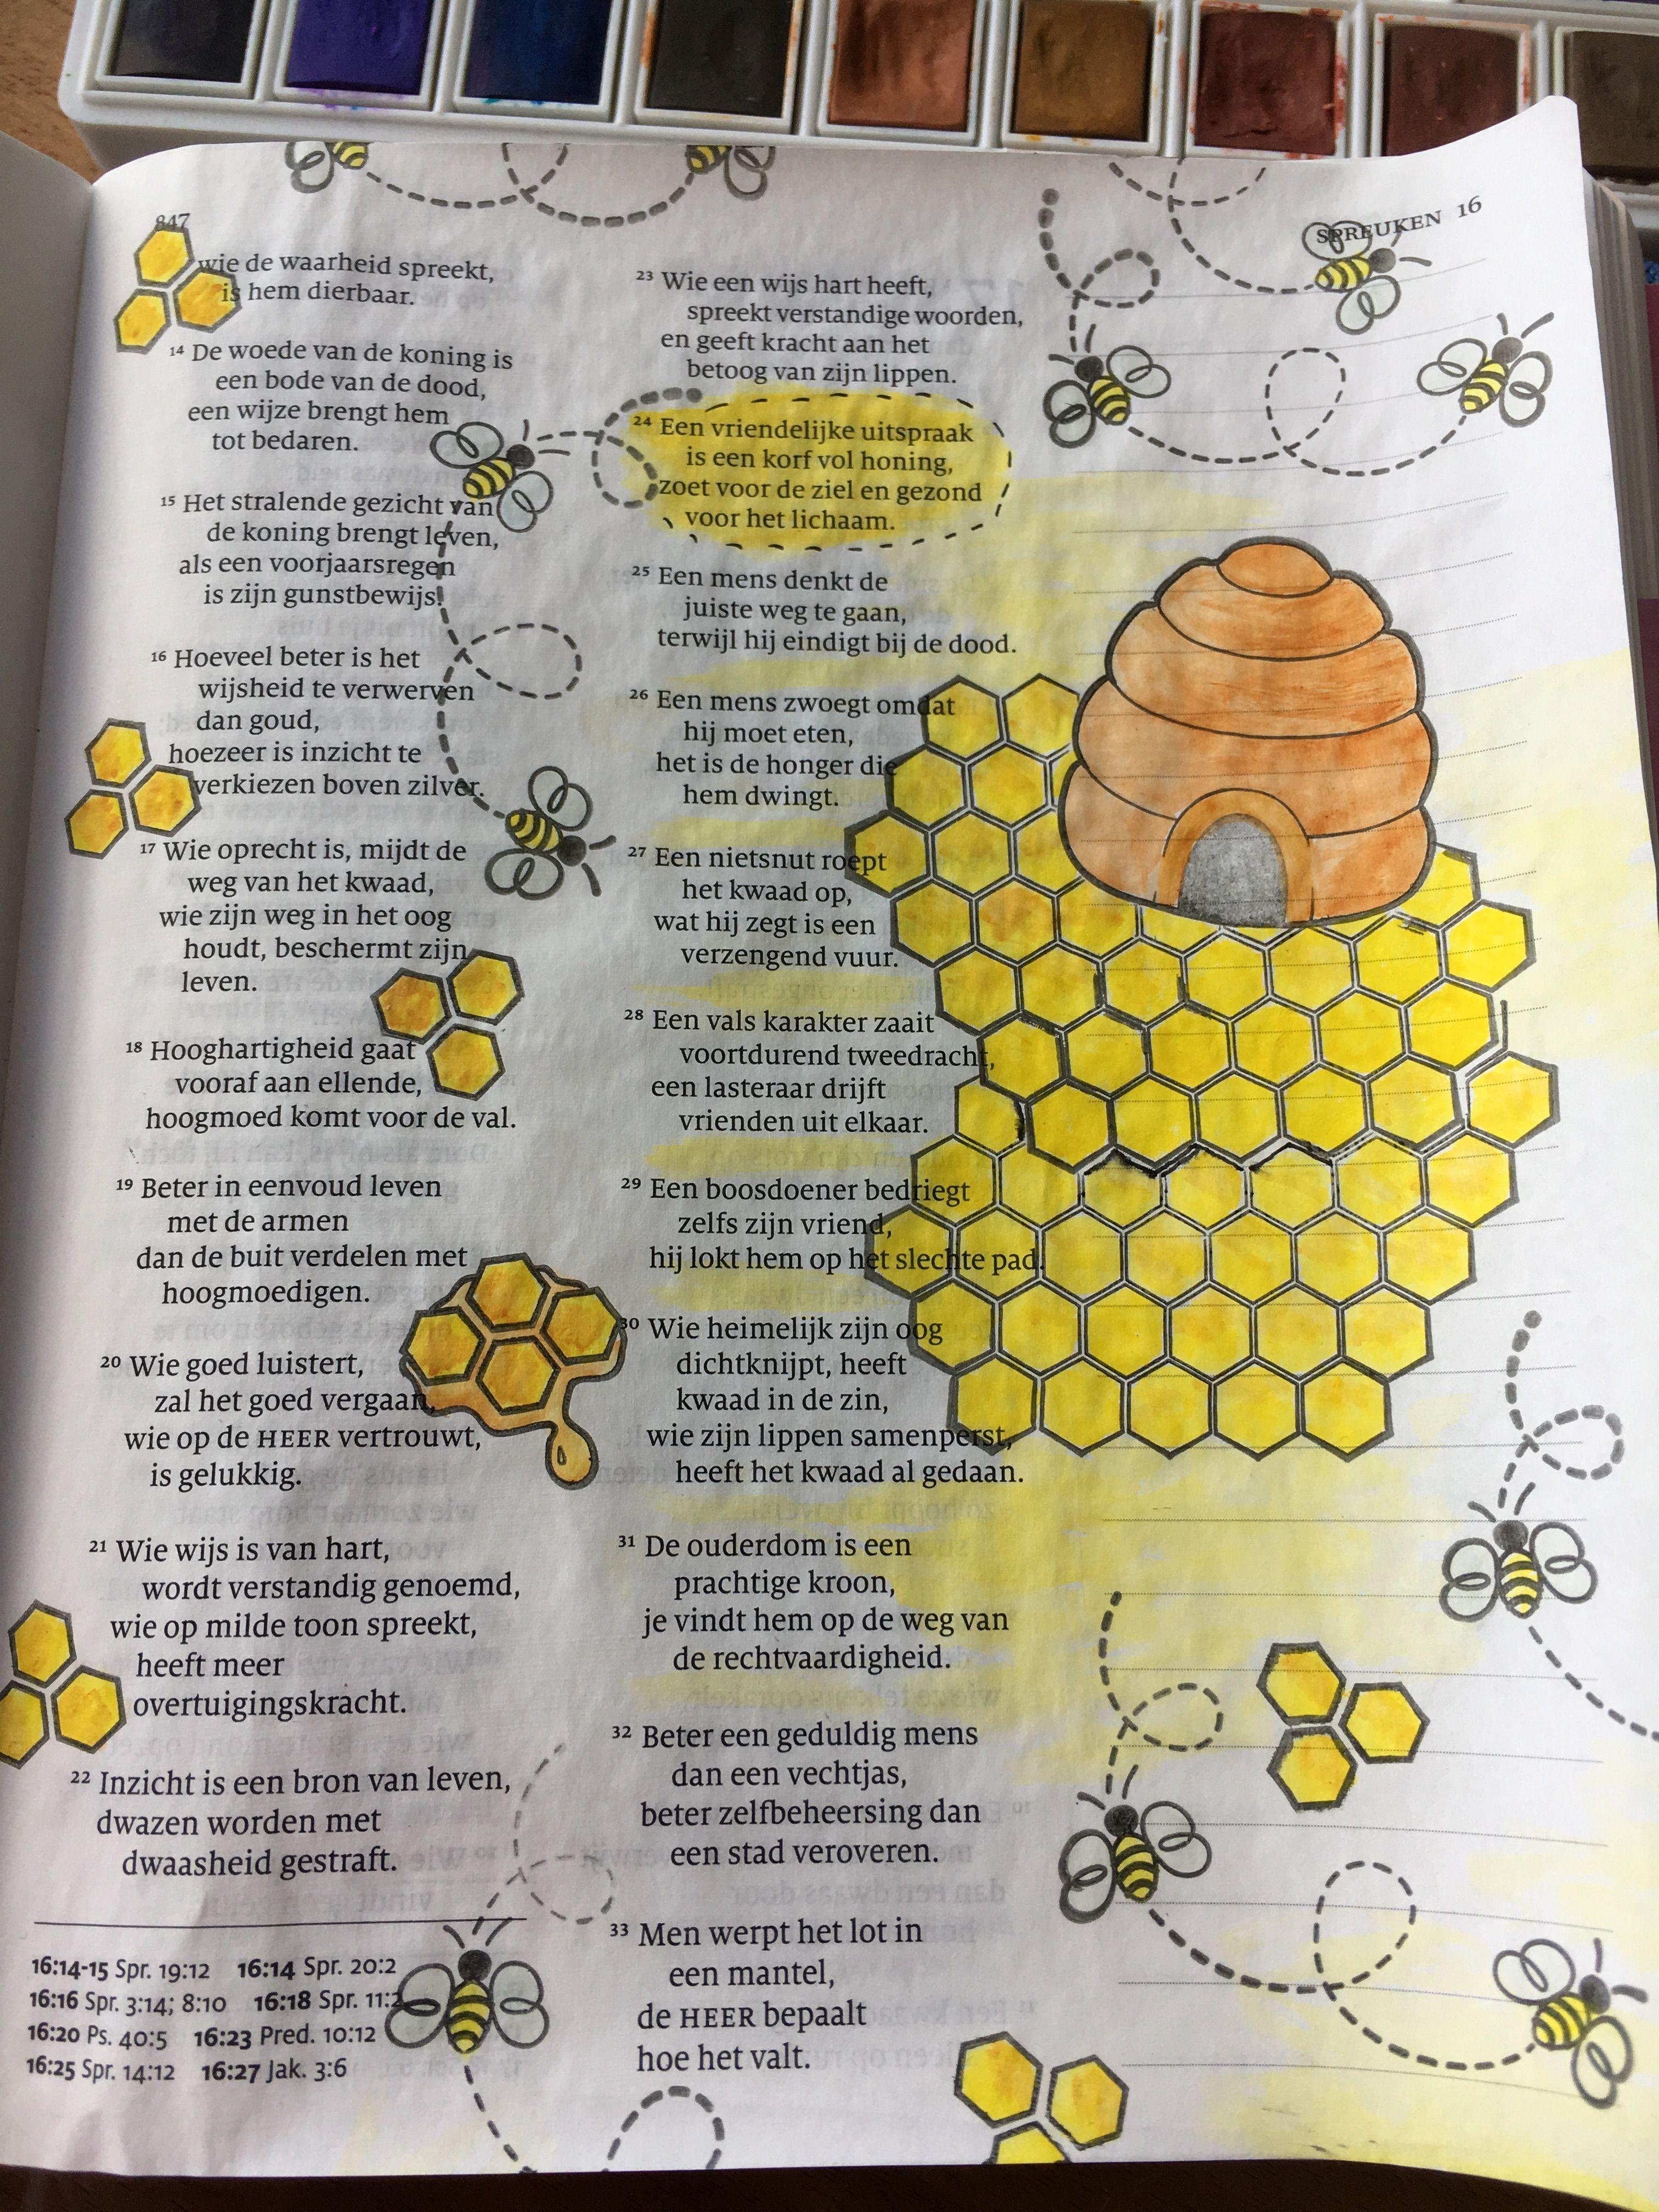 een vriendelijk woord spreuken Spreuken 16, een vriendelijk woord   bible journaling  een vriendelijk woord spreuken